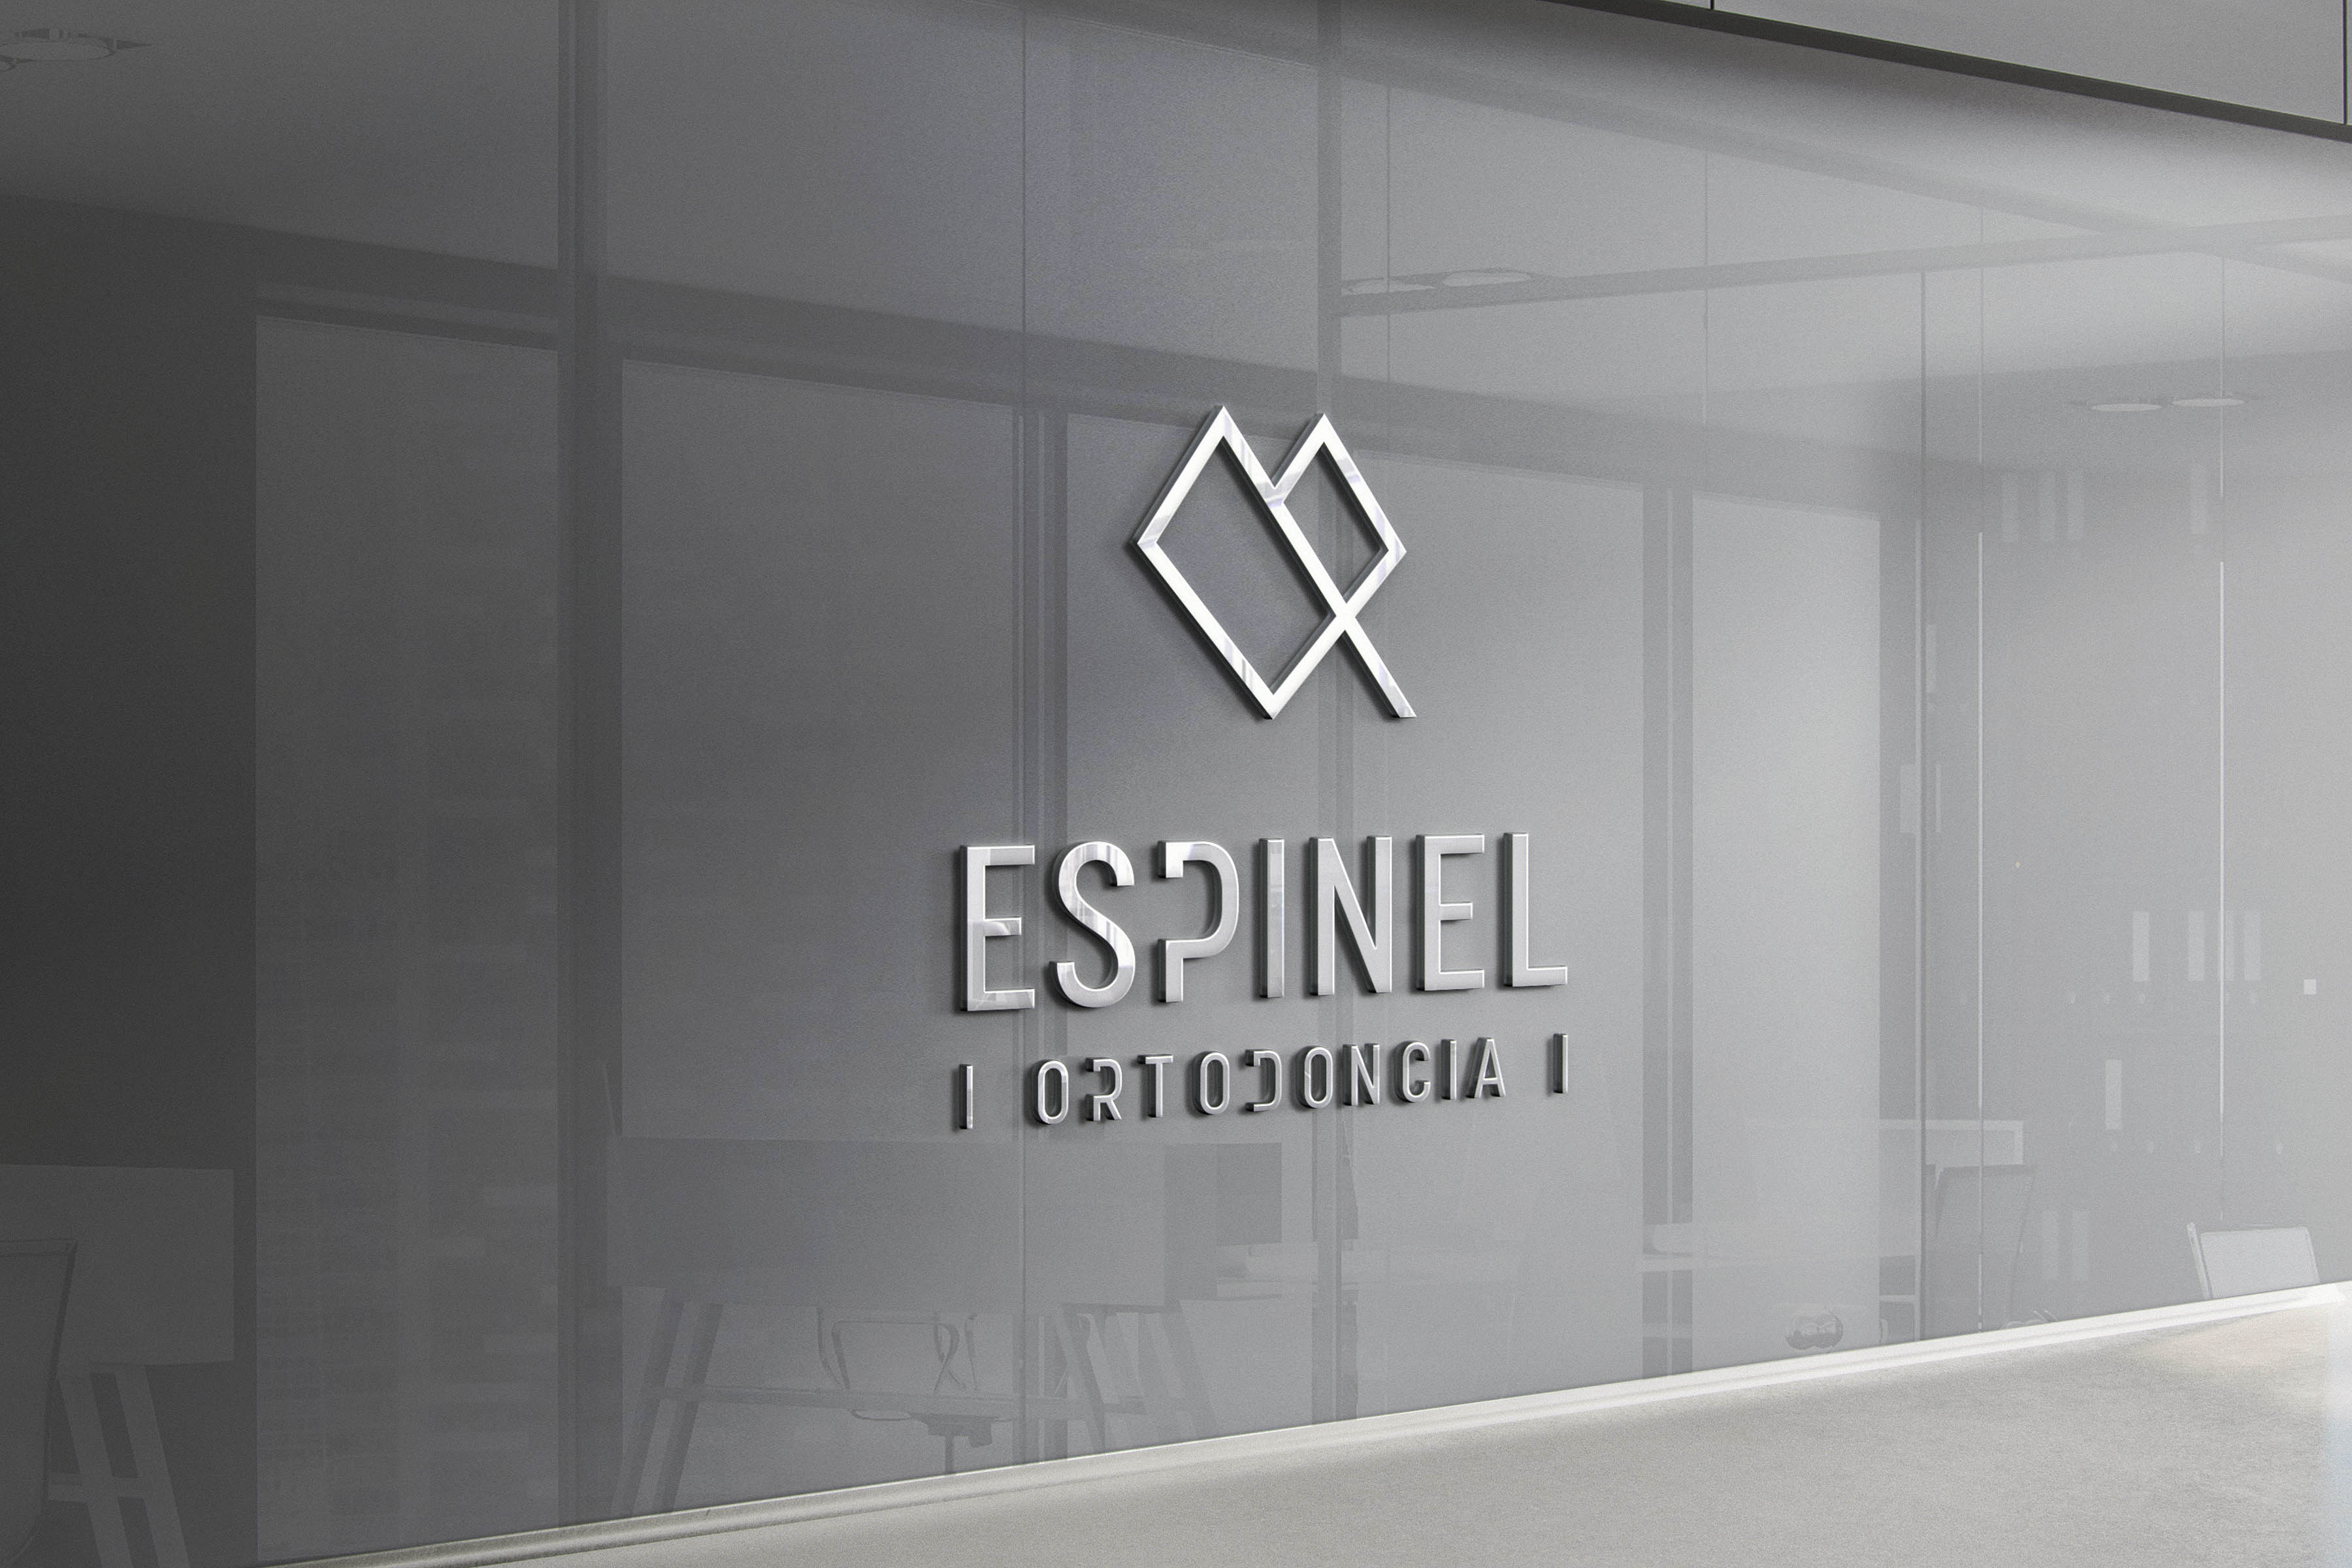 Identidad Corporativa Tenerife